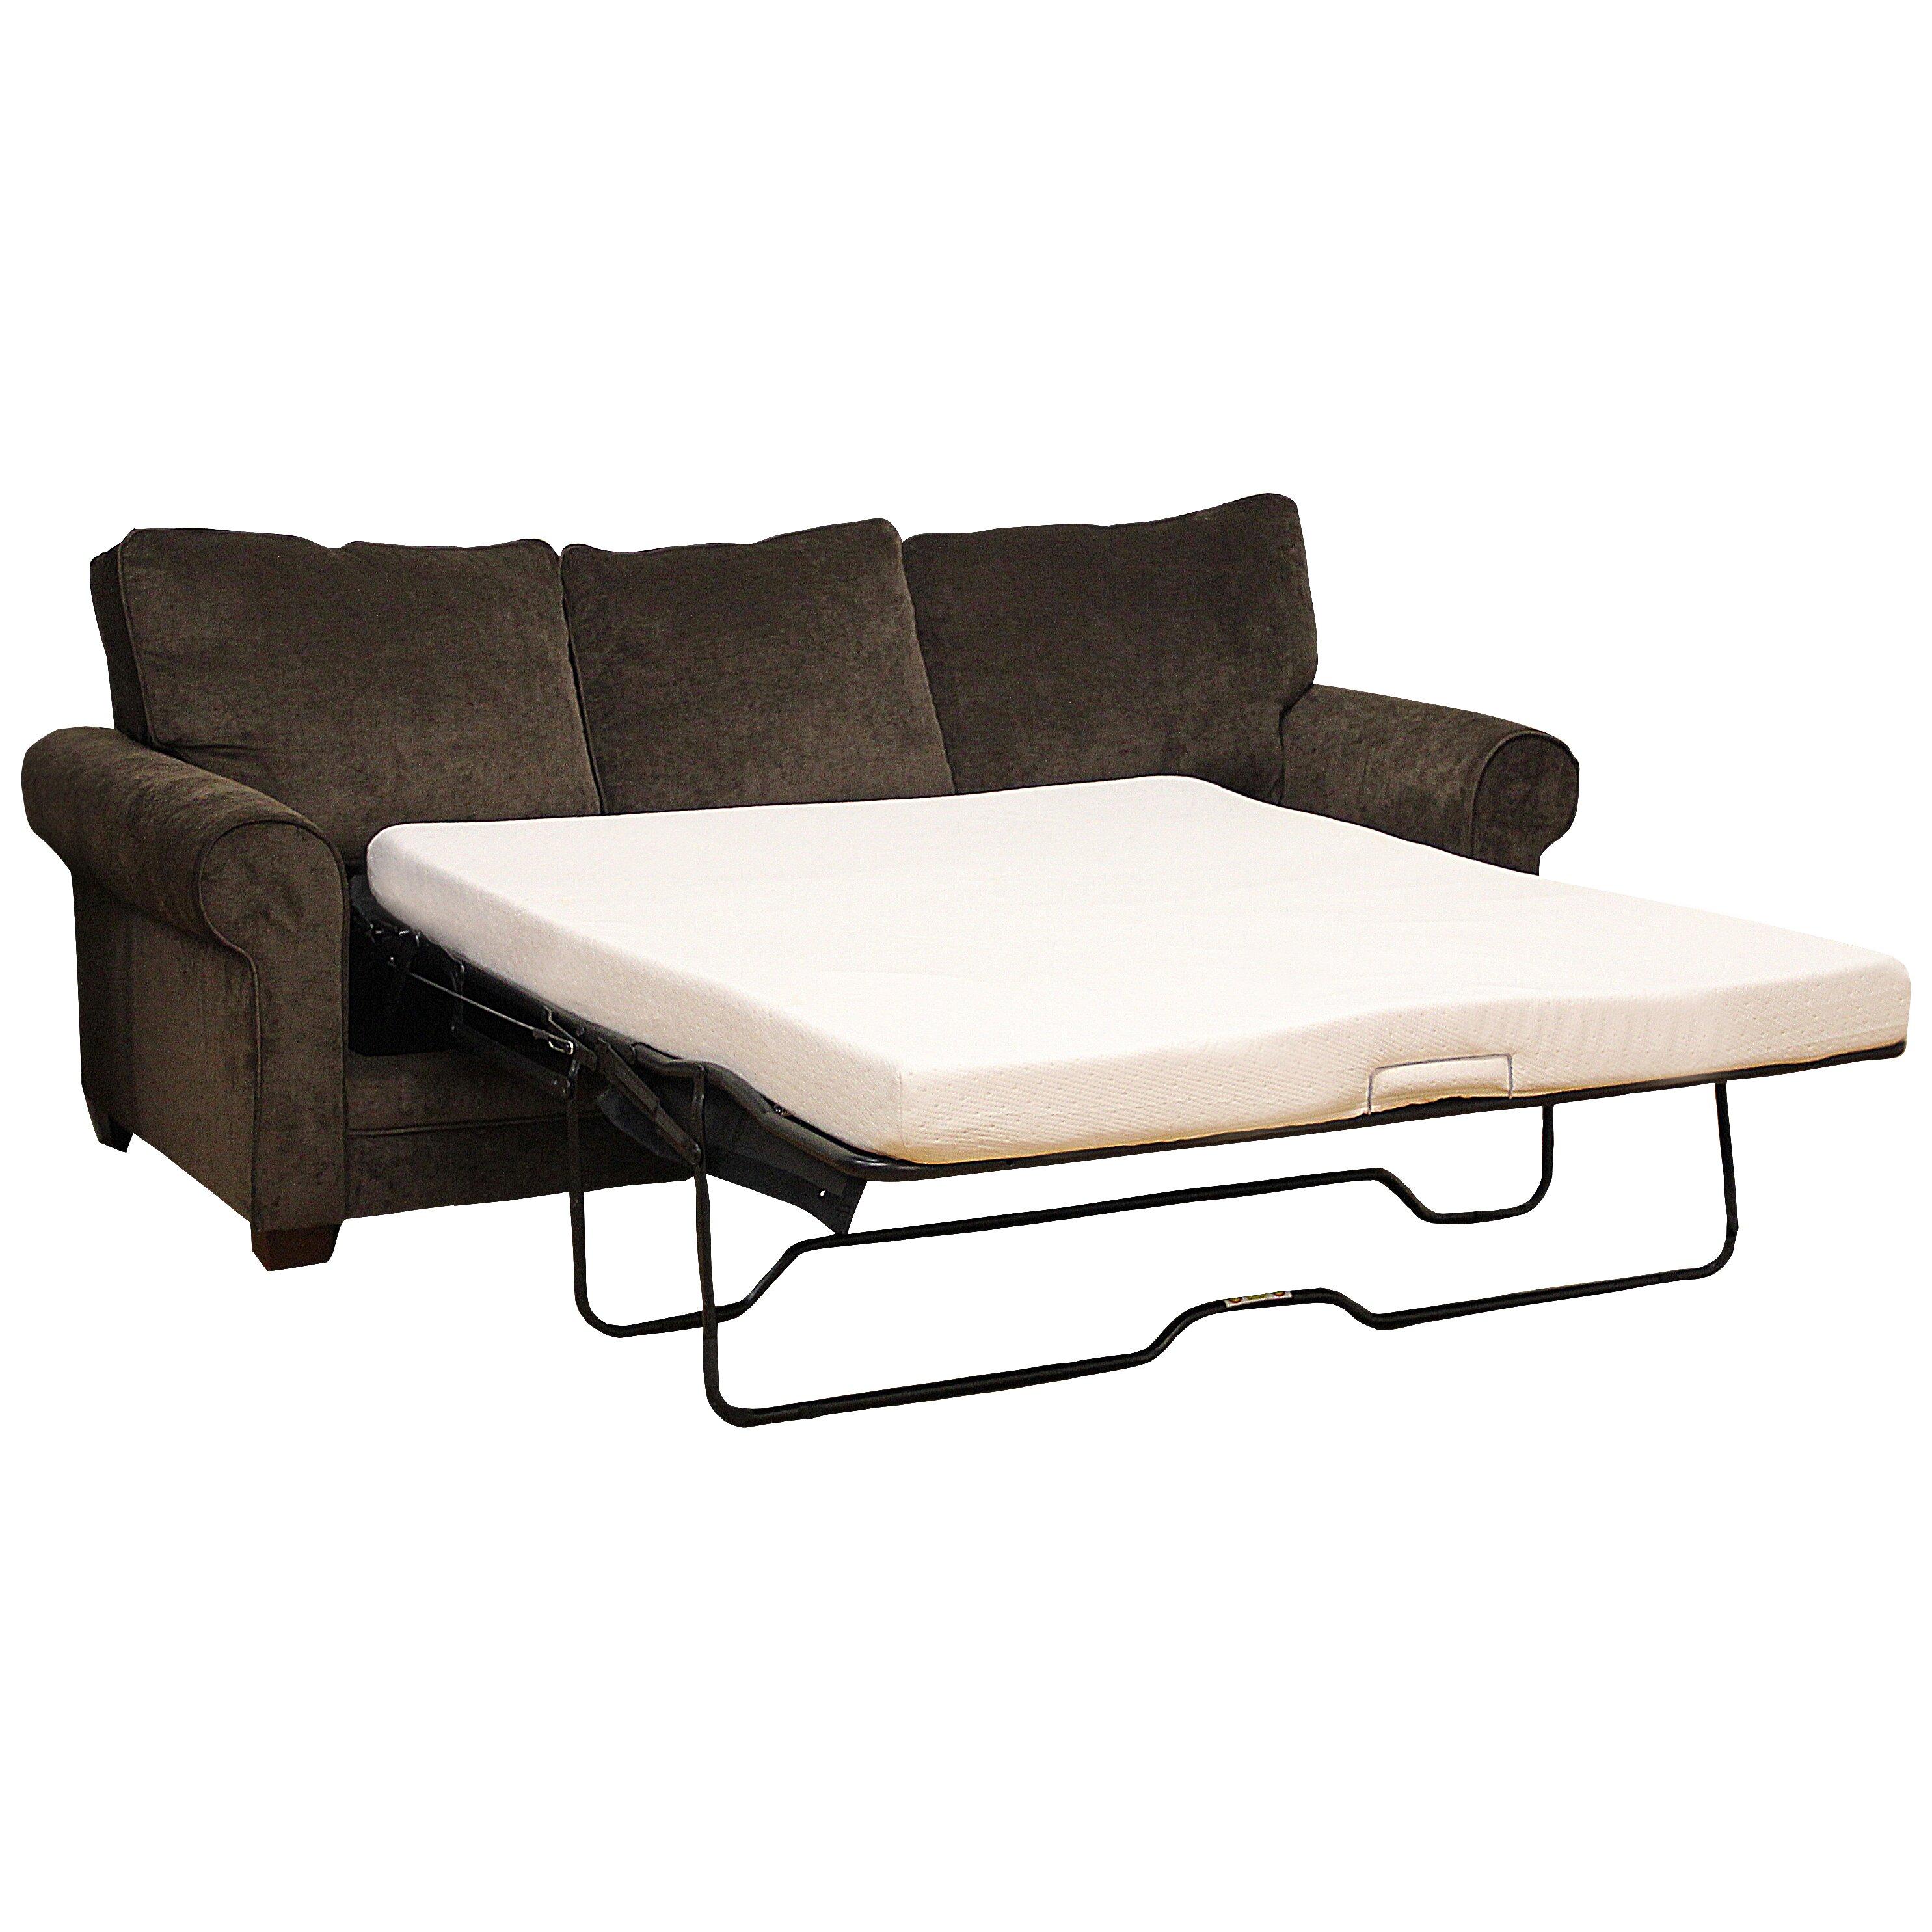 how to buy a foam mattress